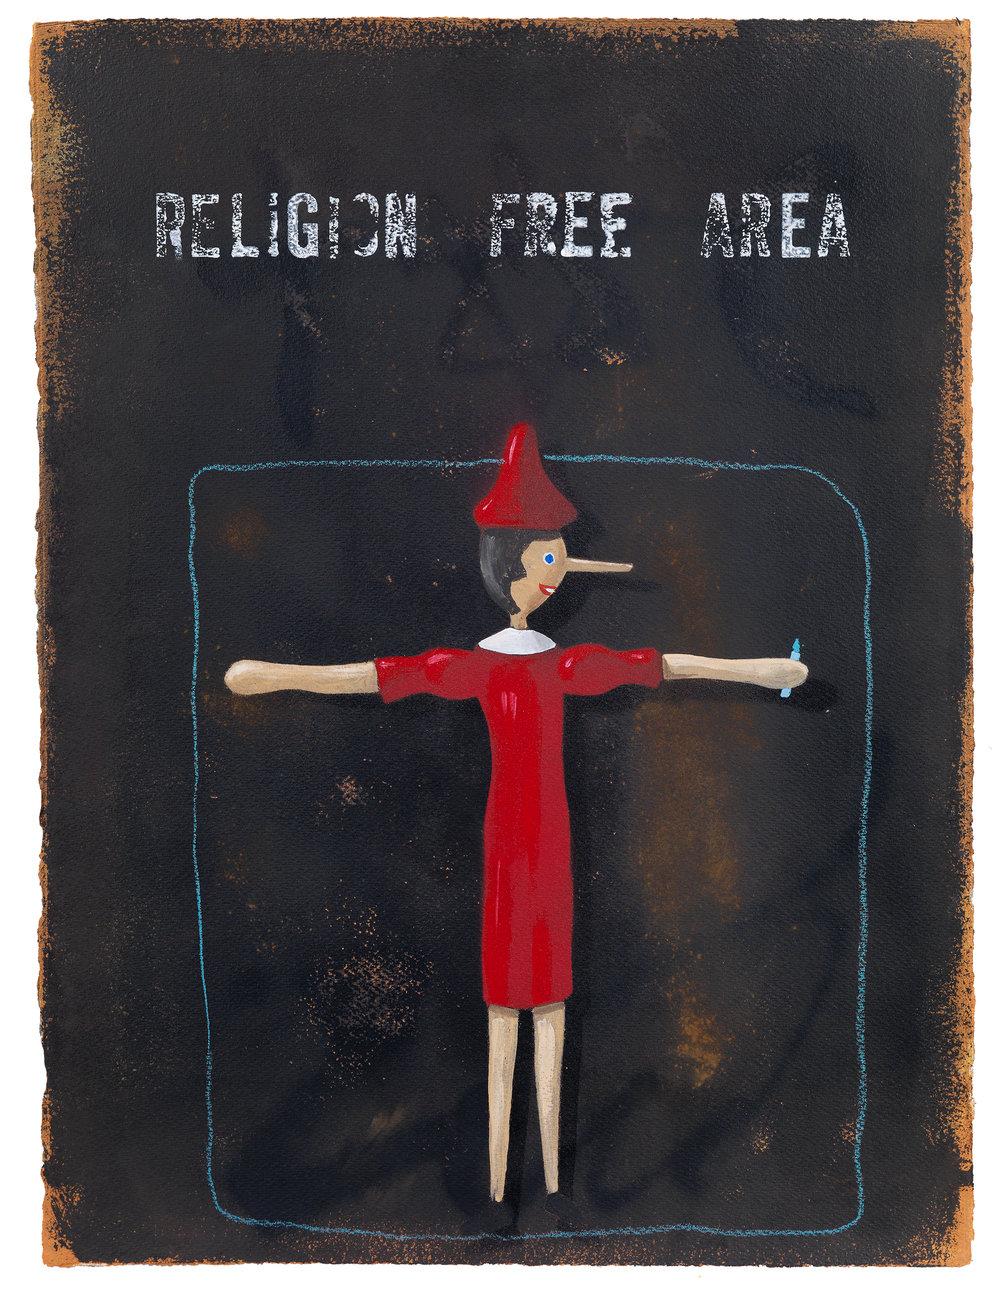 Reiligion Free Area.jpg